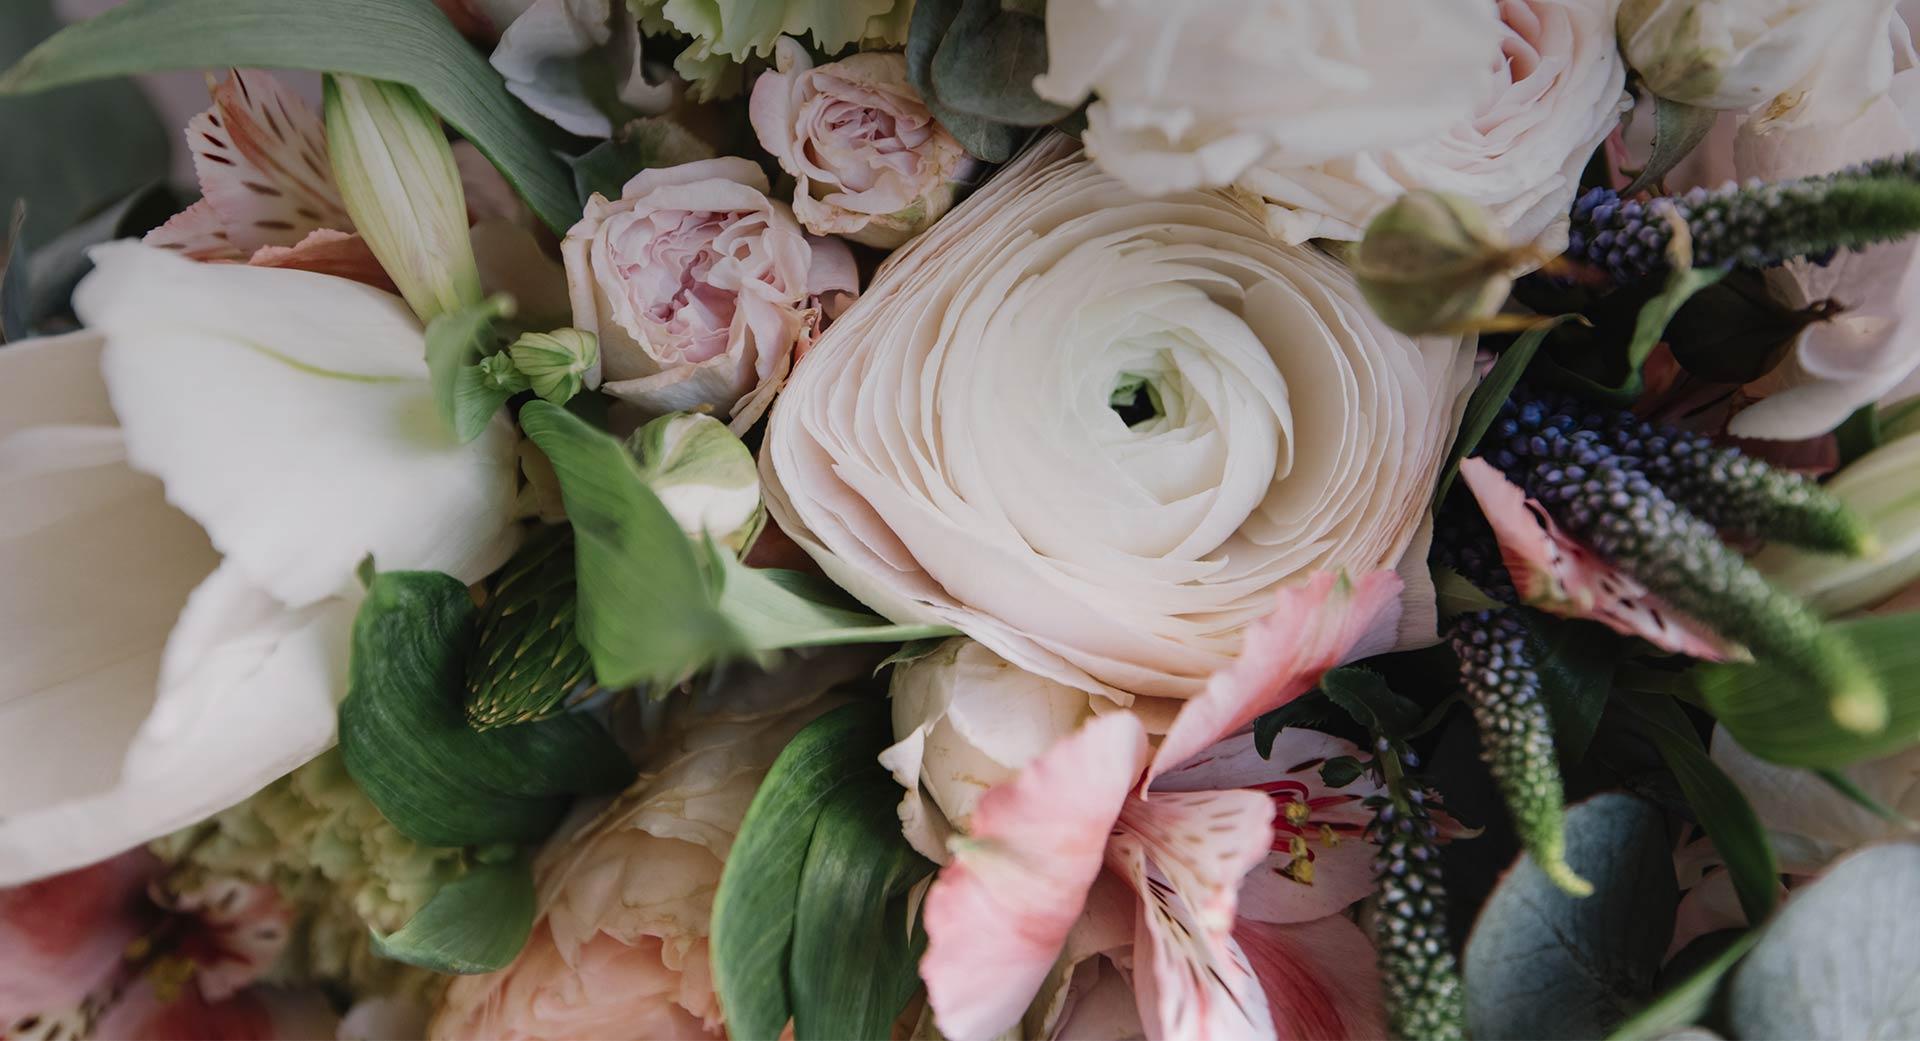 Best Buds Order Flowers Online Best Online Florist Delivery